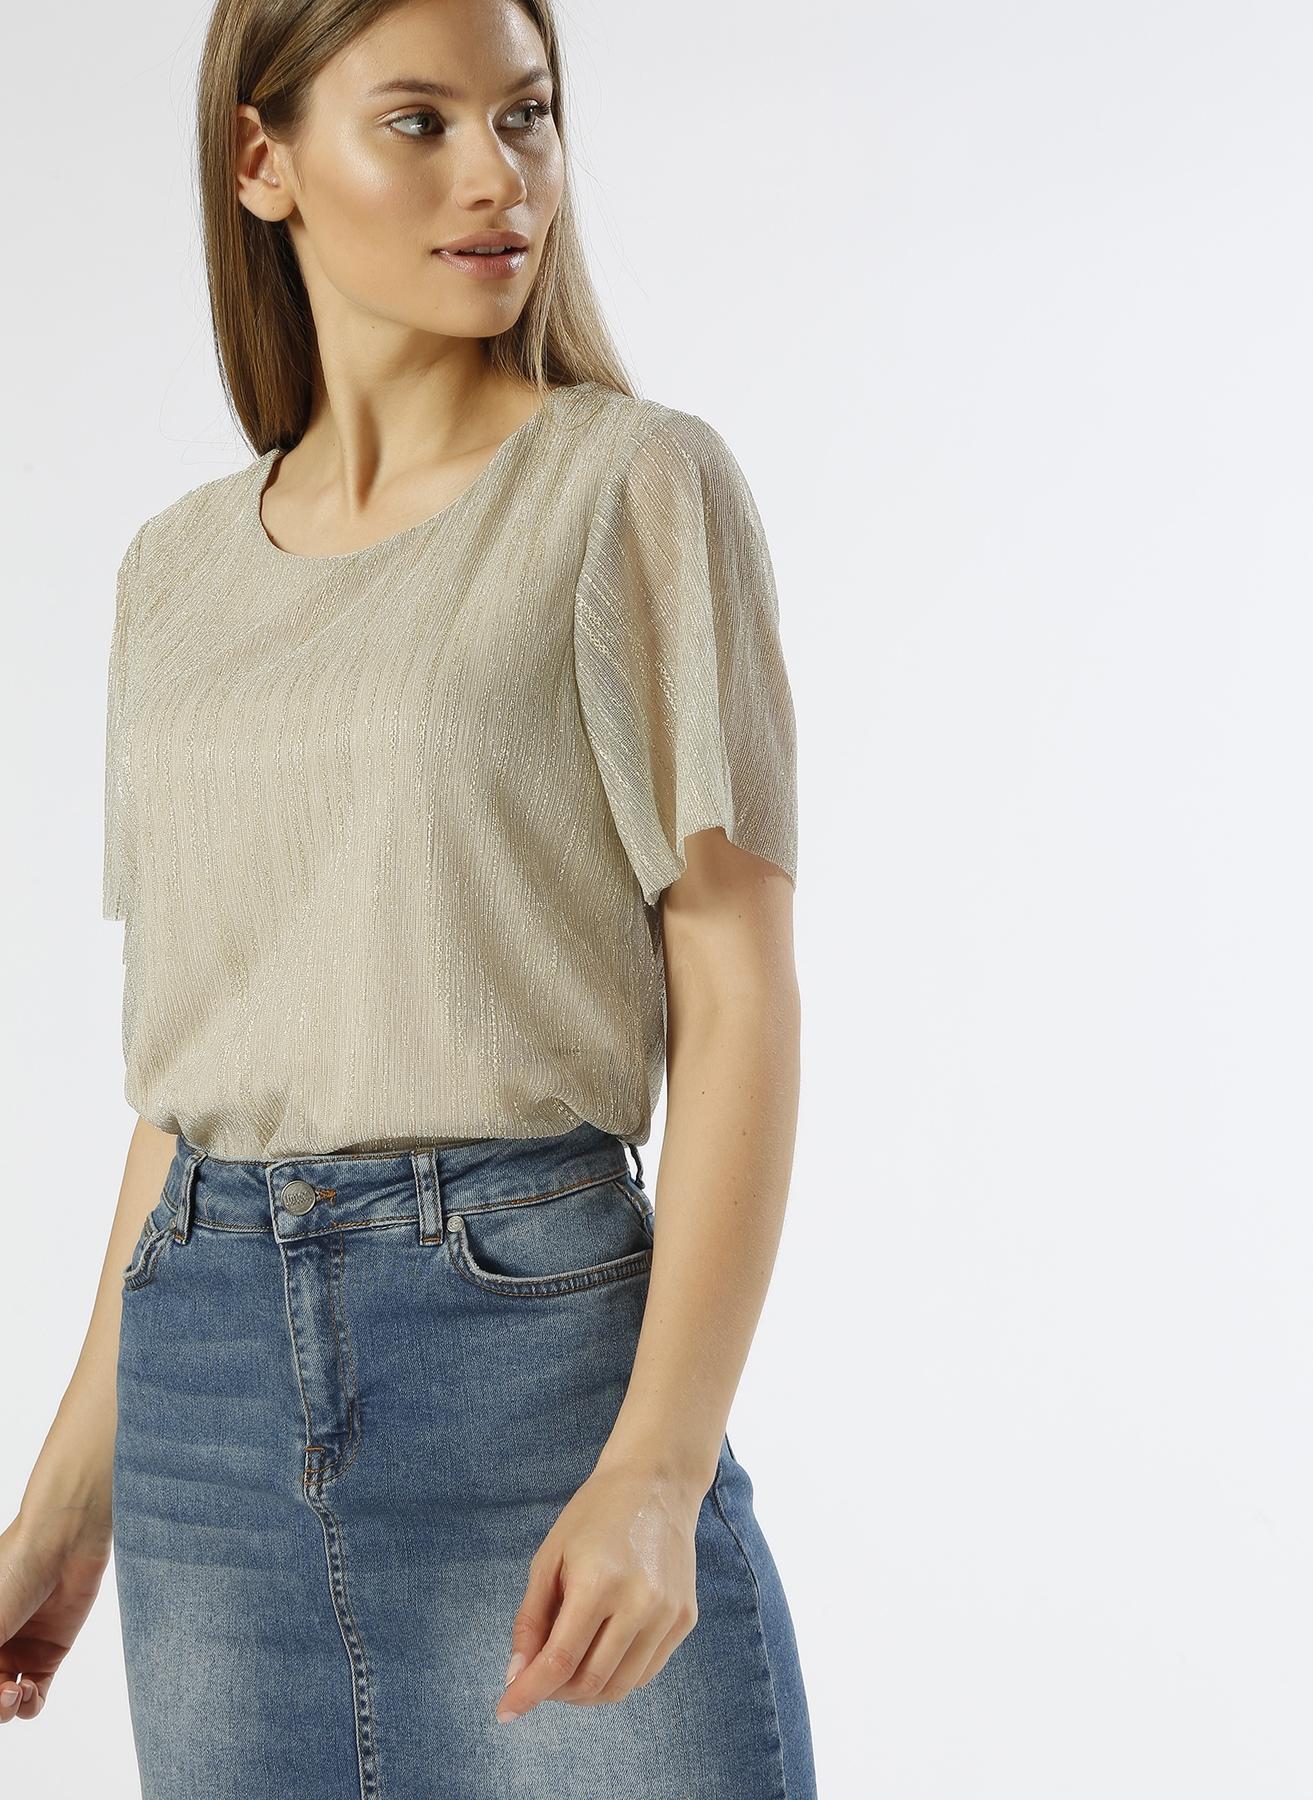 Vero Moda Gold İşlemeli T-Shirt M 5000196112002 Ürün Resmi